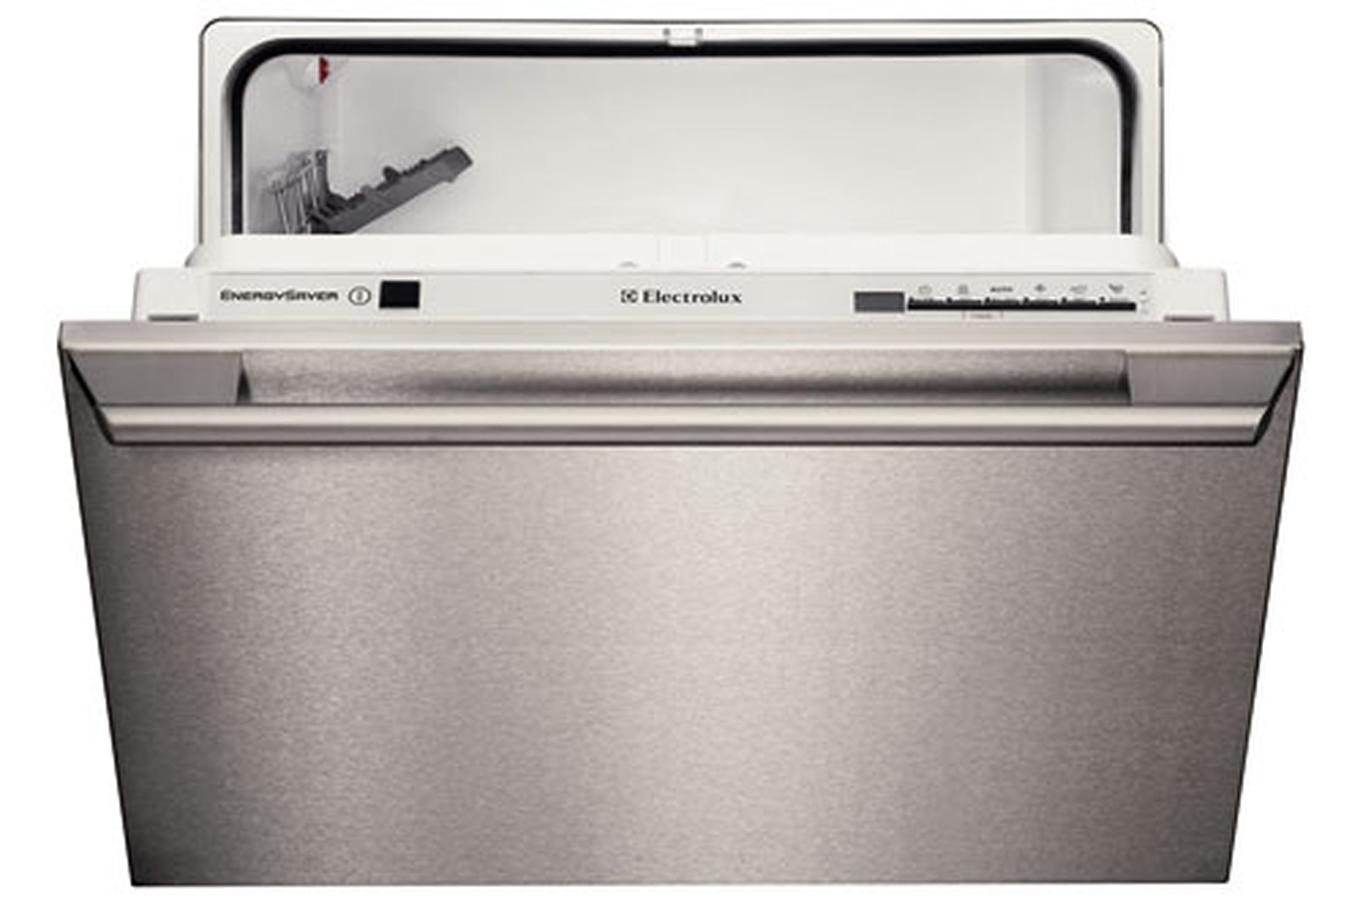 Lave vaisselle encastrable electrolux esl2450w 3260046 - Lave vaisselle compact 6 couverts ...